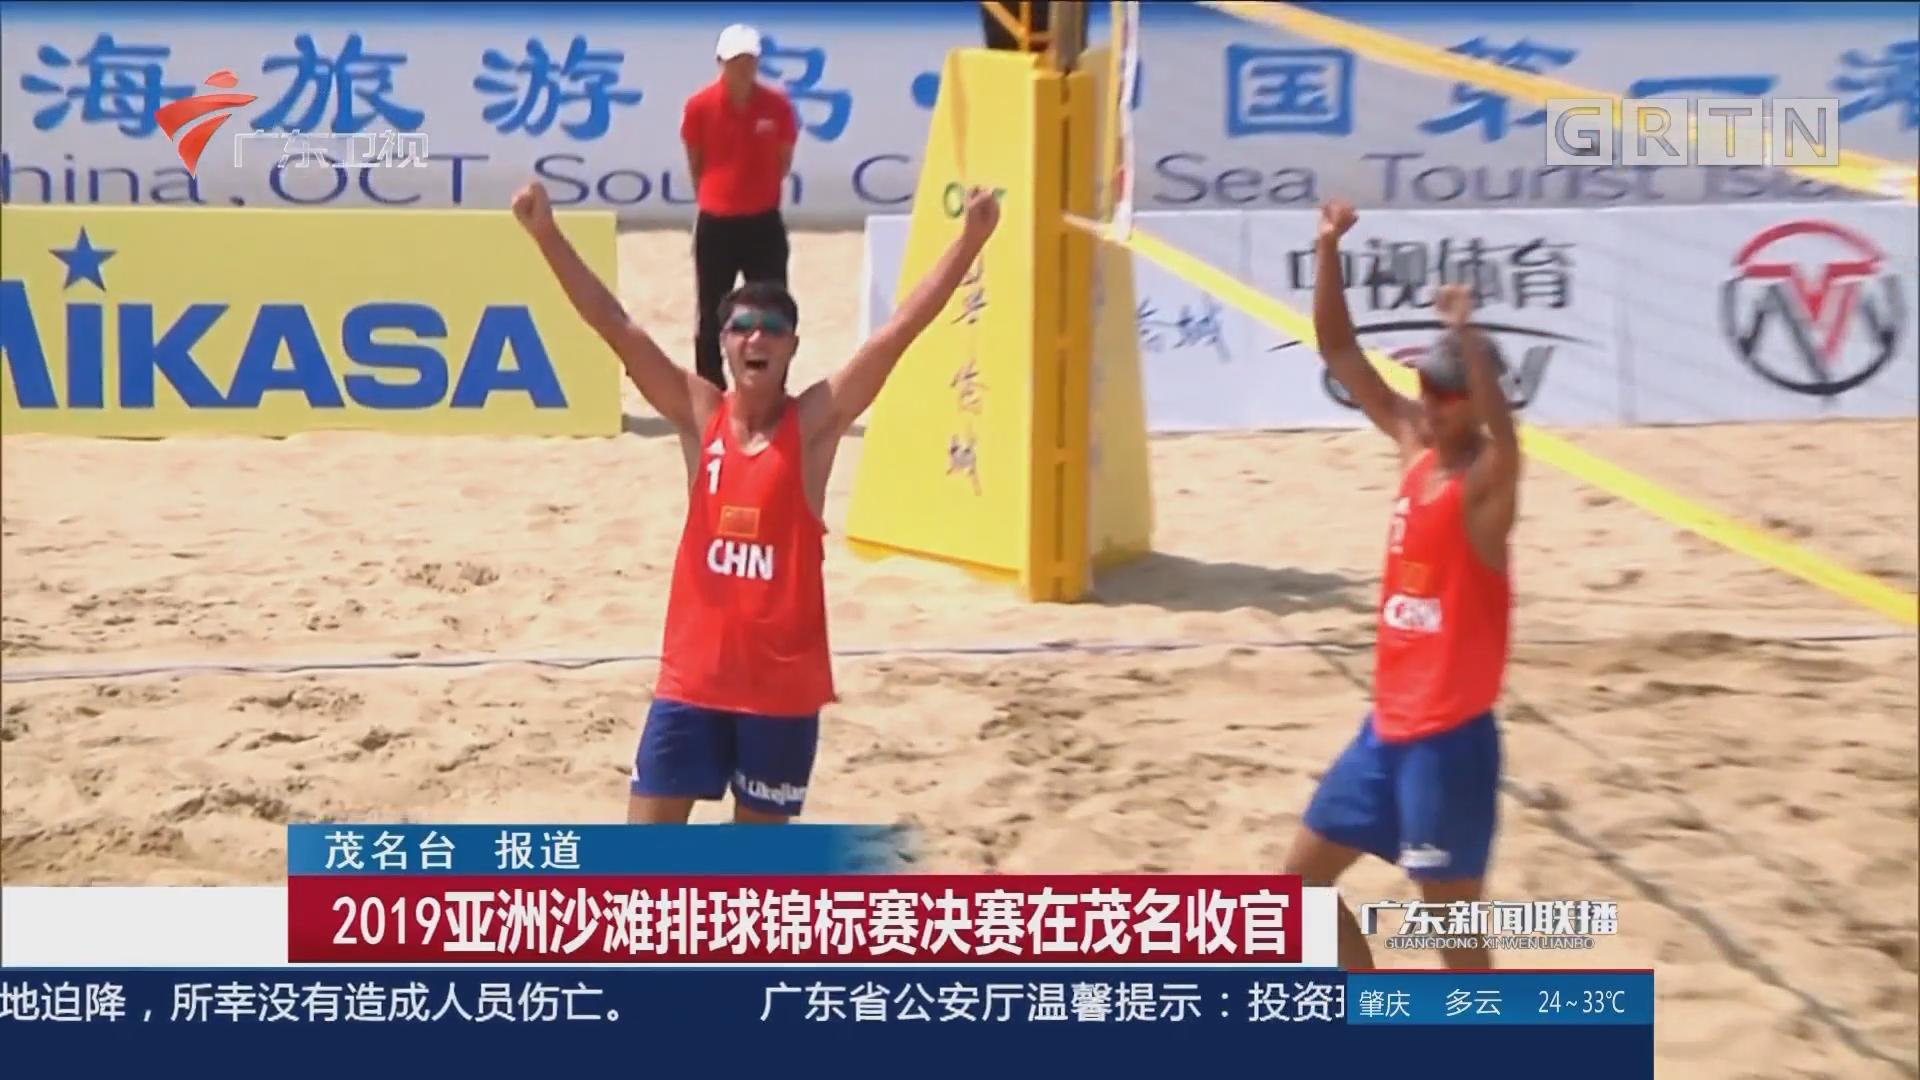 2019亚洲沙滩排球锦标赛决赛在茂名收官